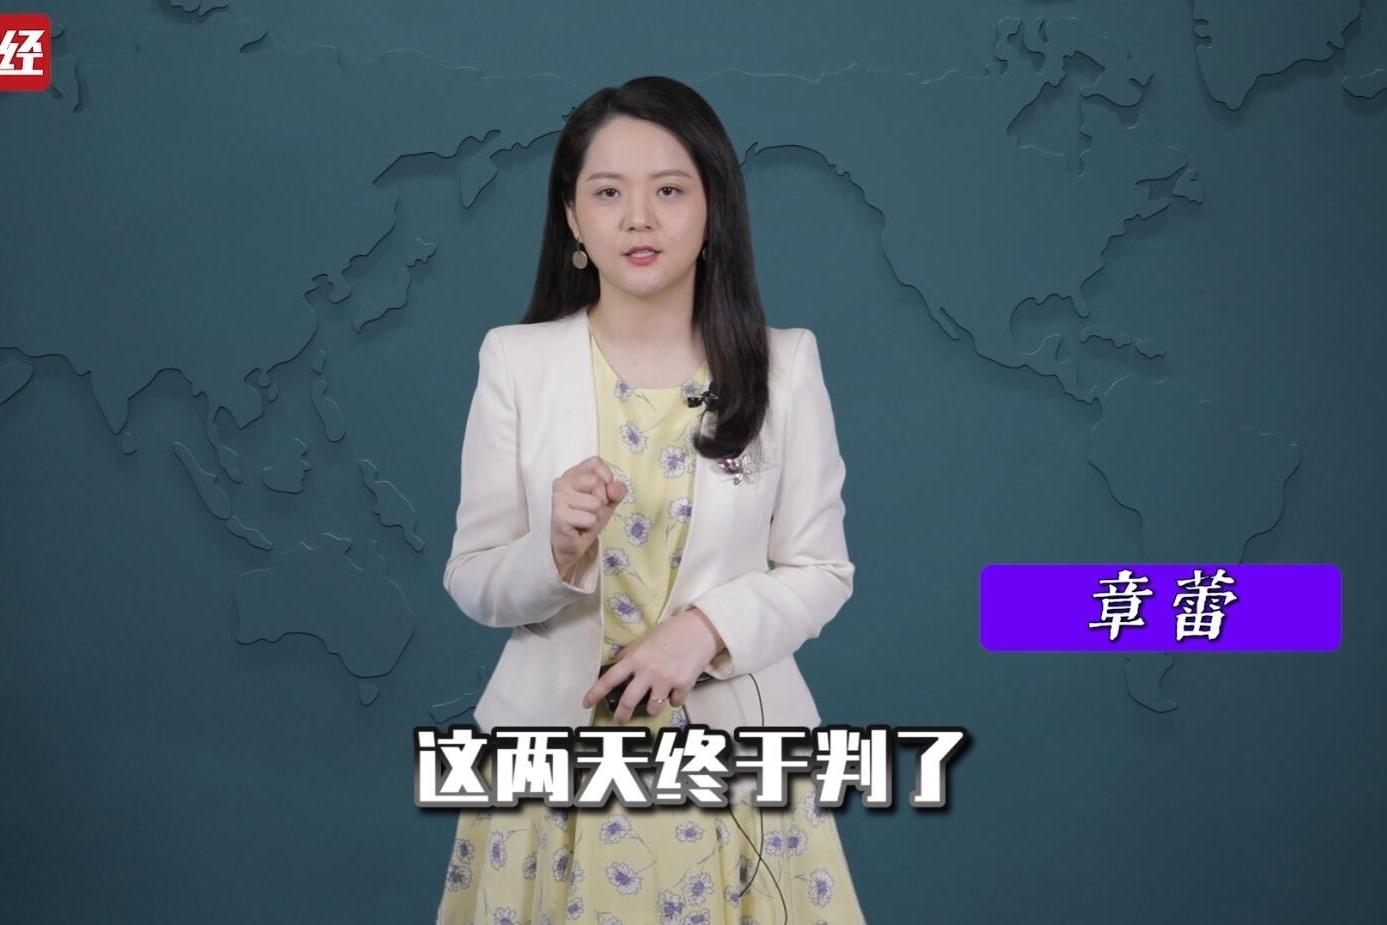 猥亵儿童案王振华将上诉要求判无罪!被抓后家族财富暴增200亿